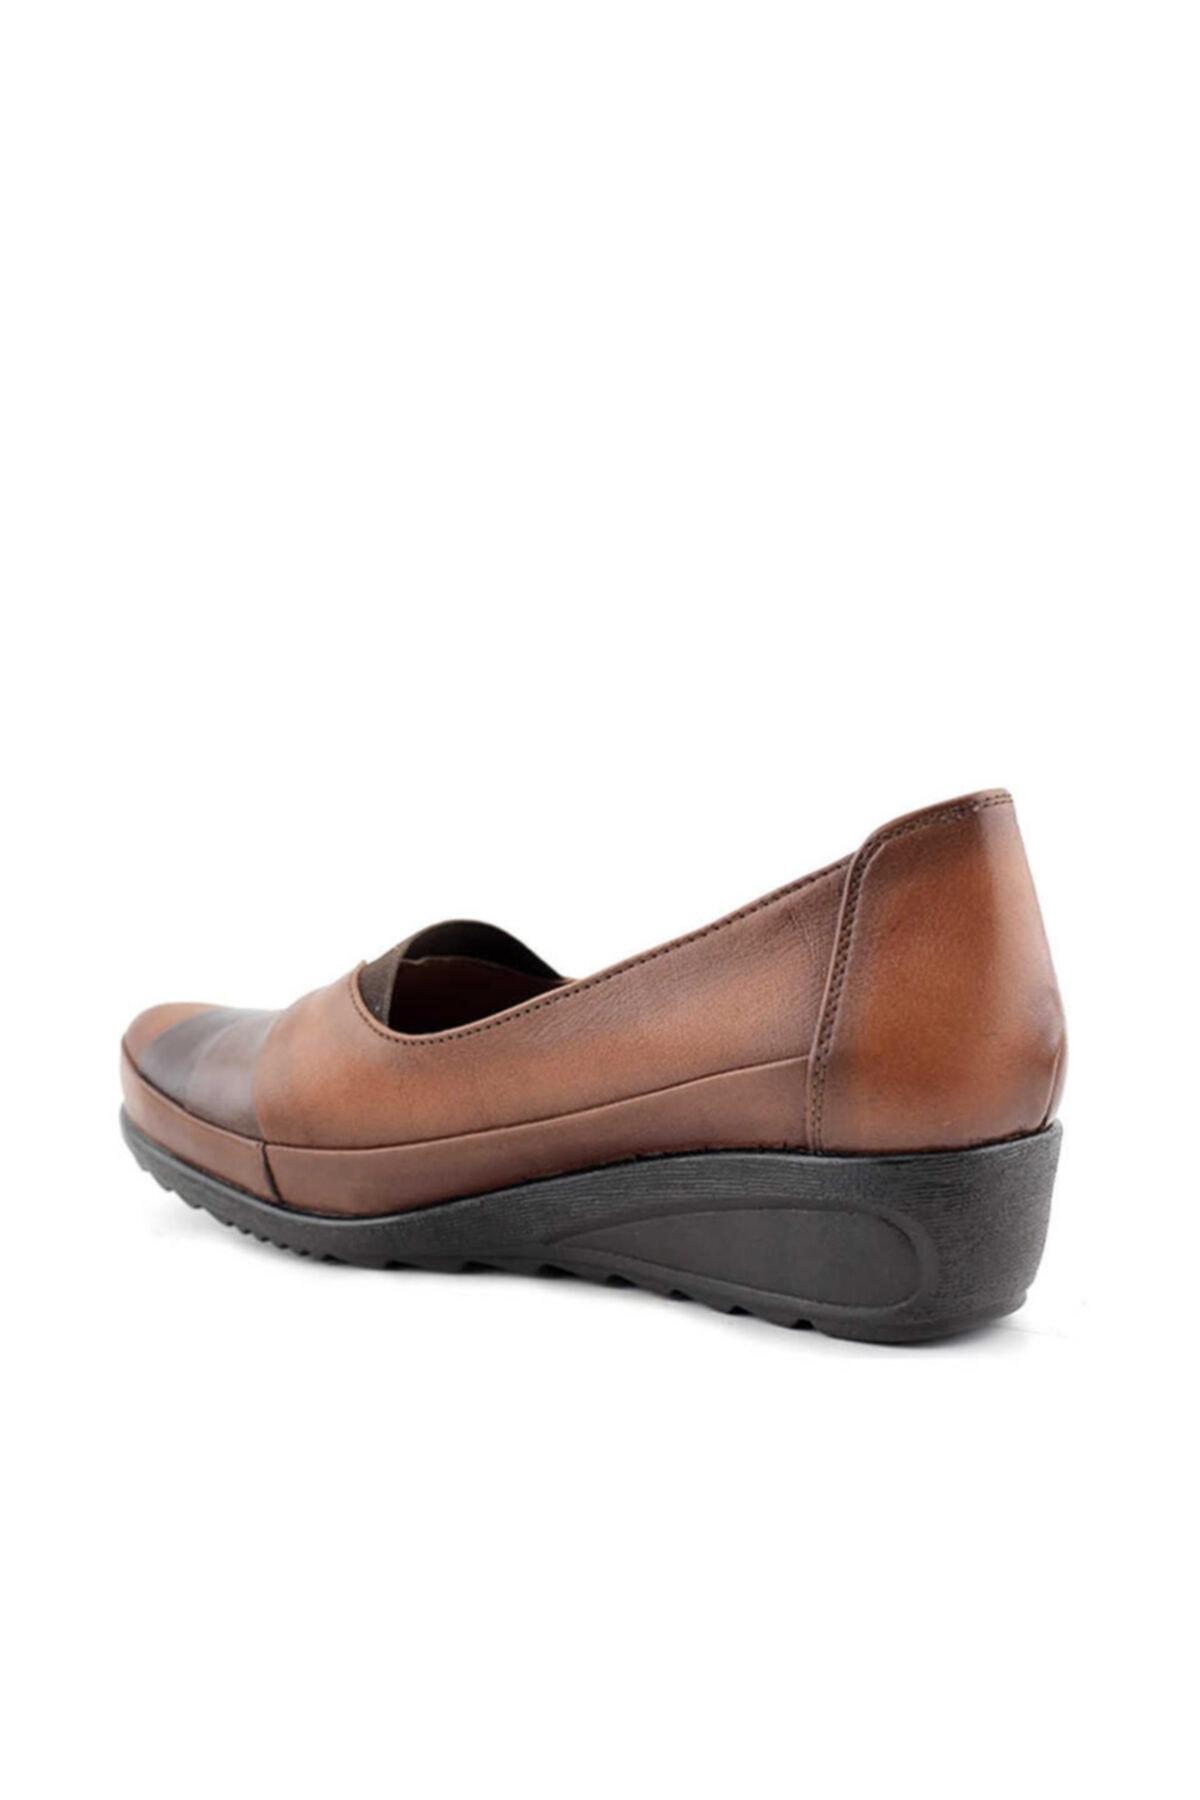 Beta Shoes Hakiki Deri Kadın Günlük Ayakkabı Taba 2